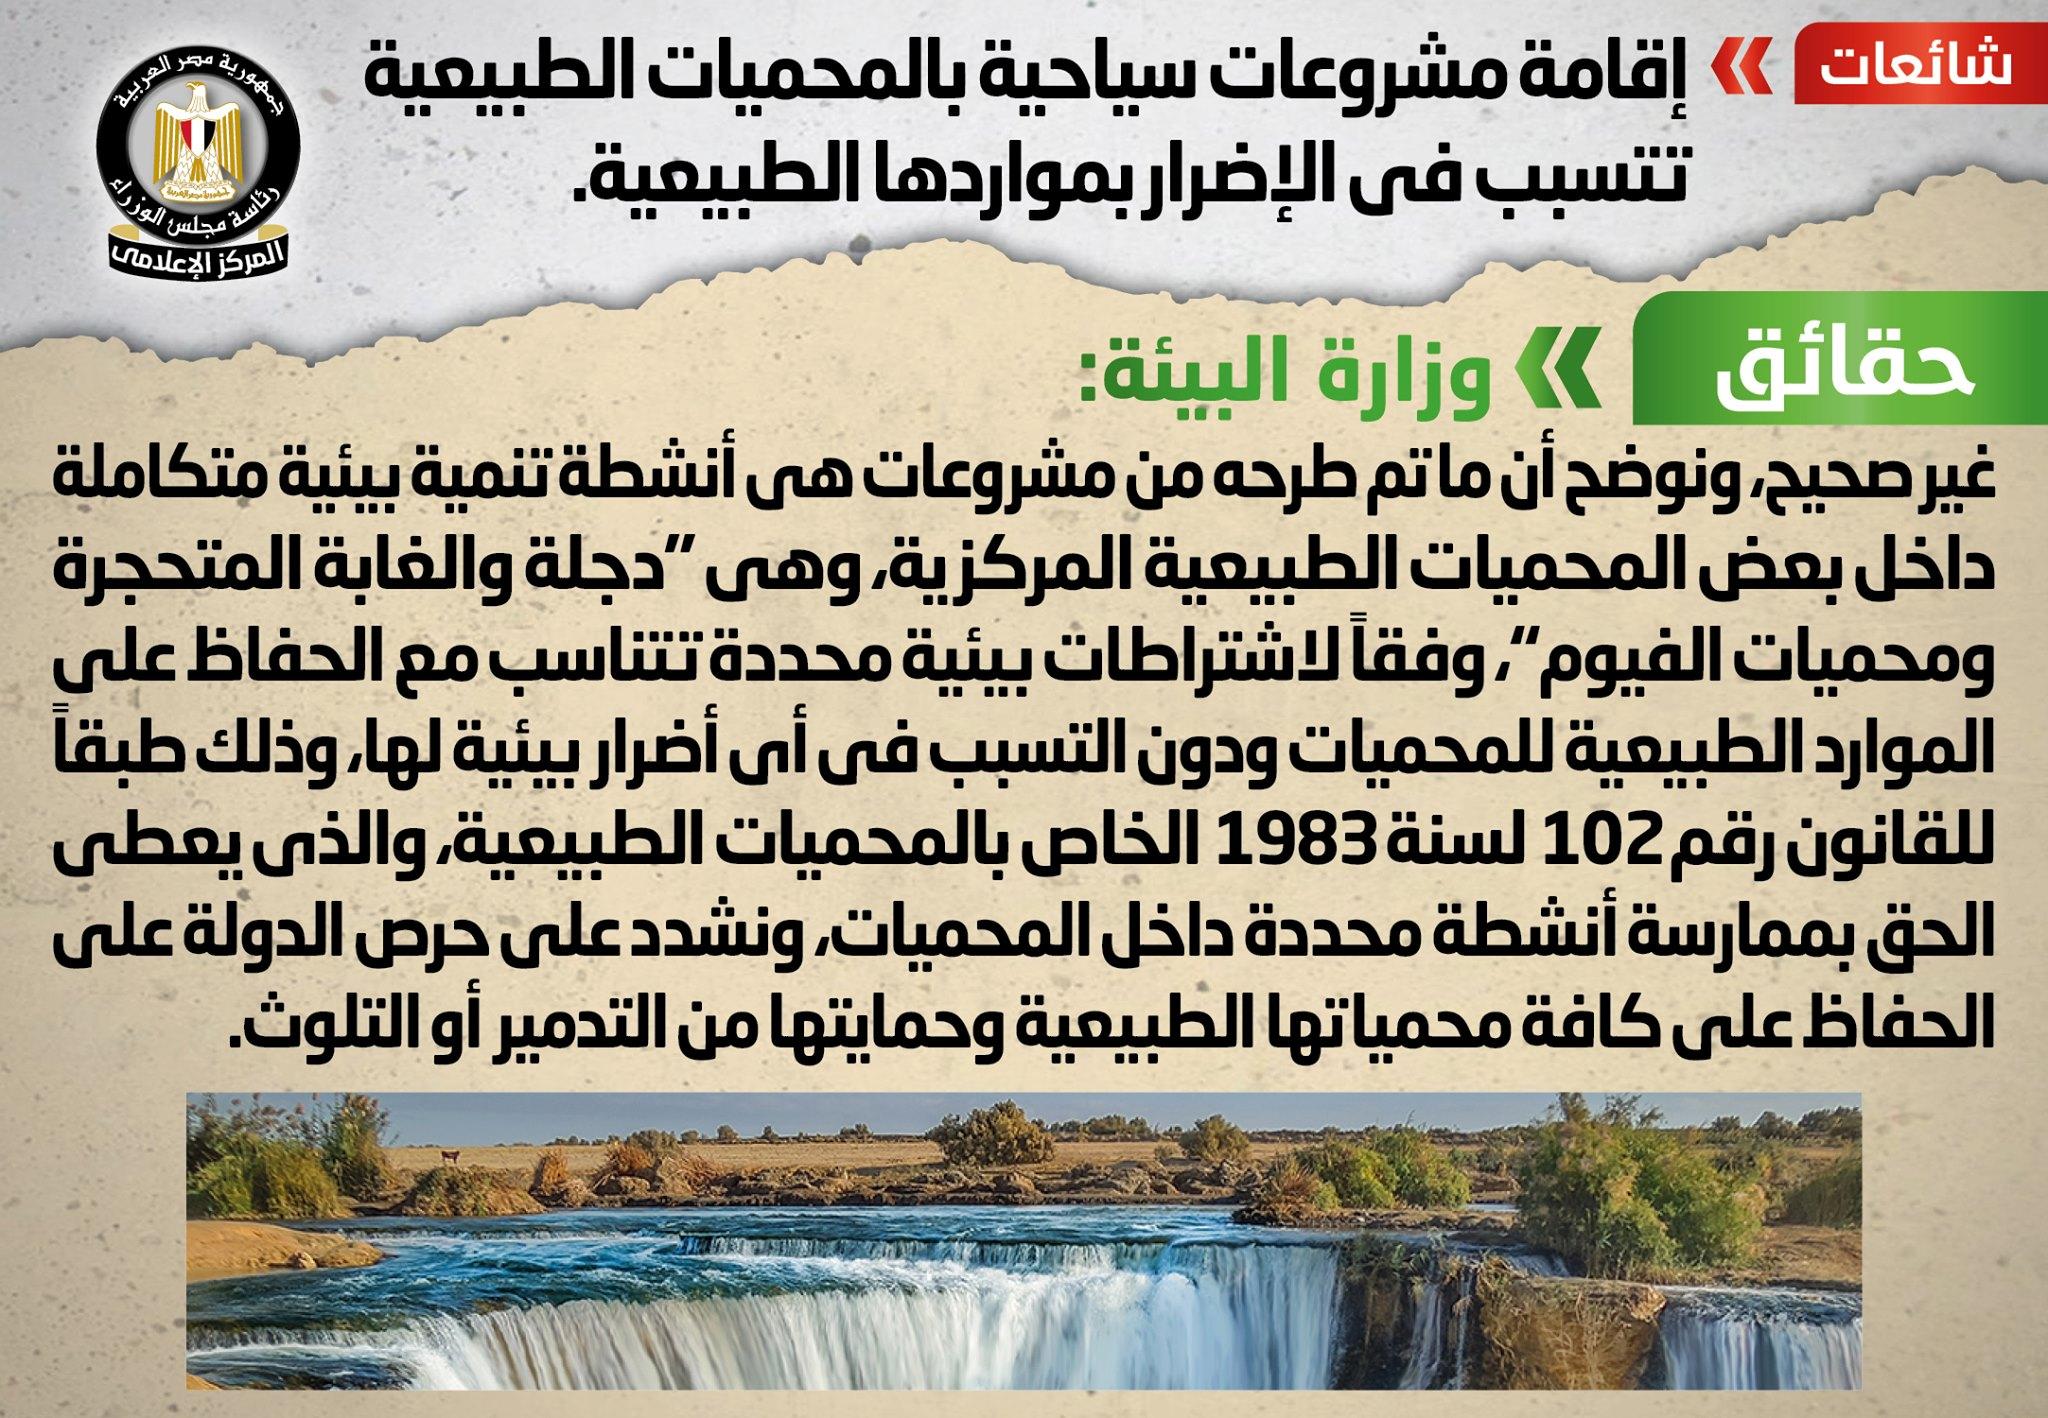 شائعة: إقامة مشروعات سياحية بالمحميات الطبيعية تتسبب في الإضرار بمواردها الطبيعية